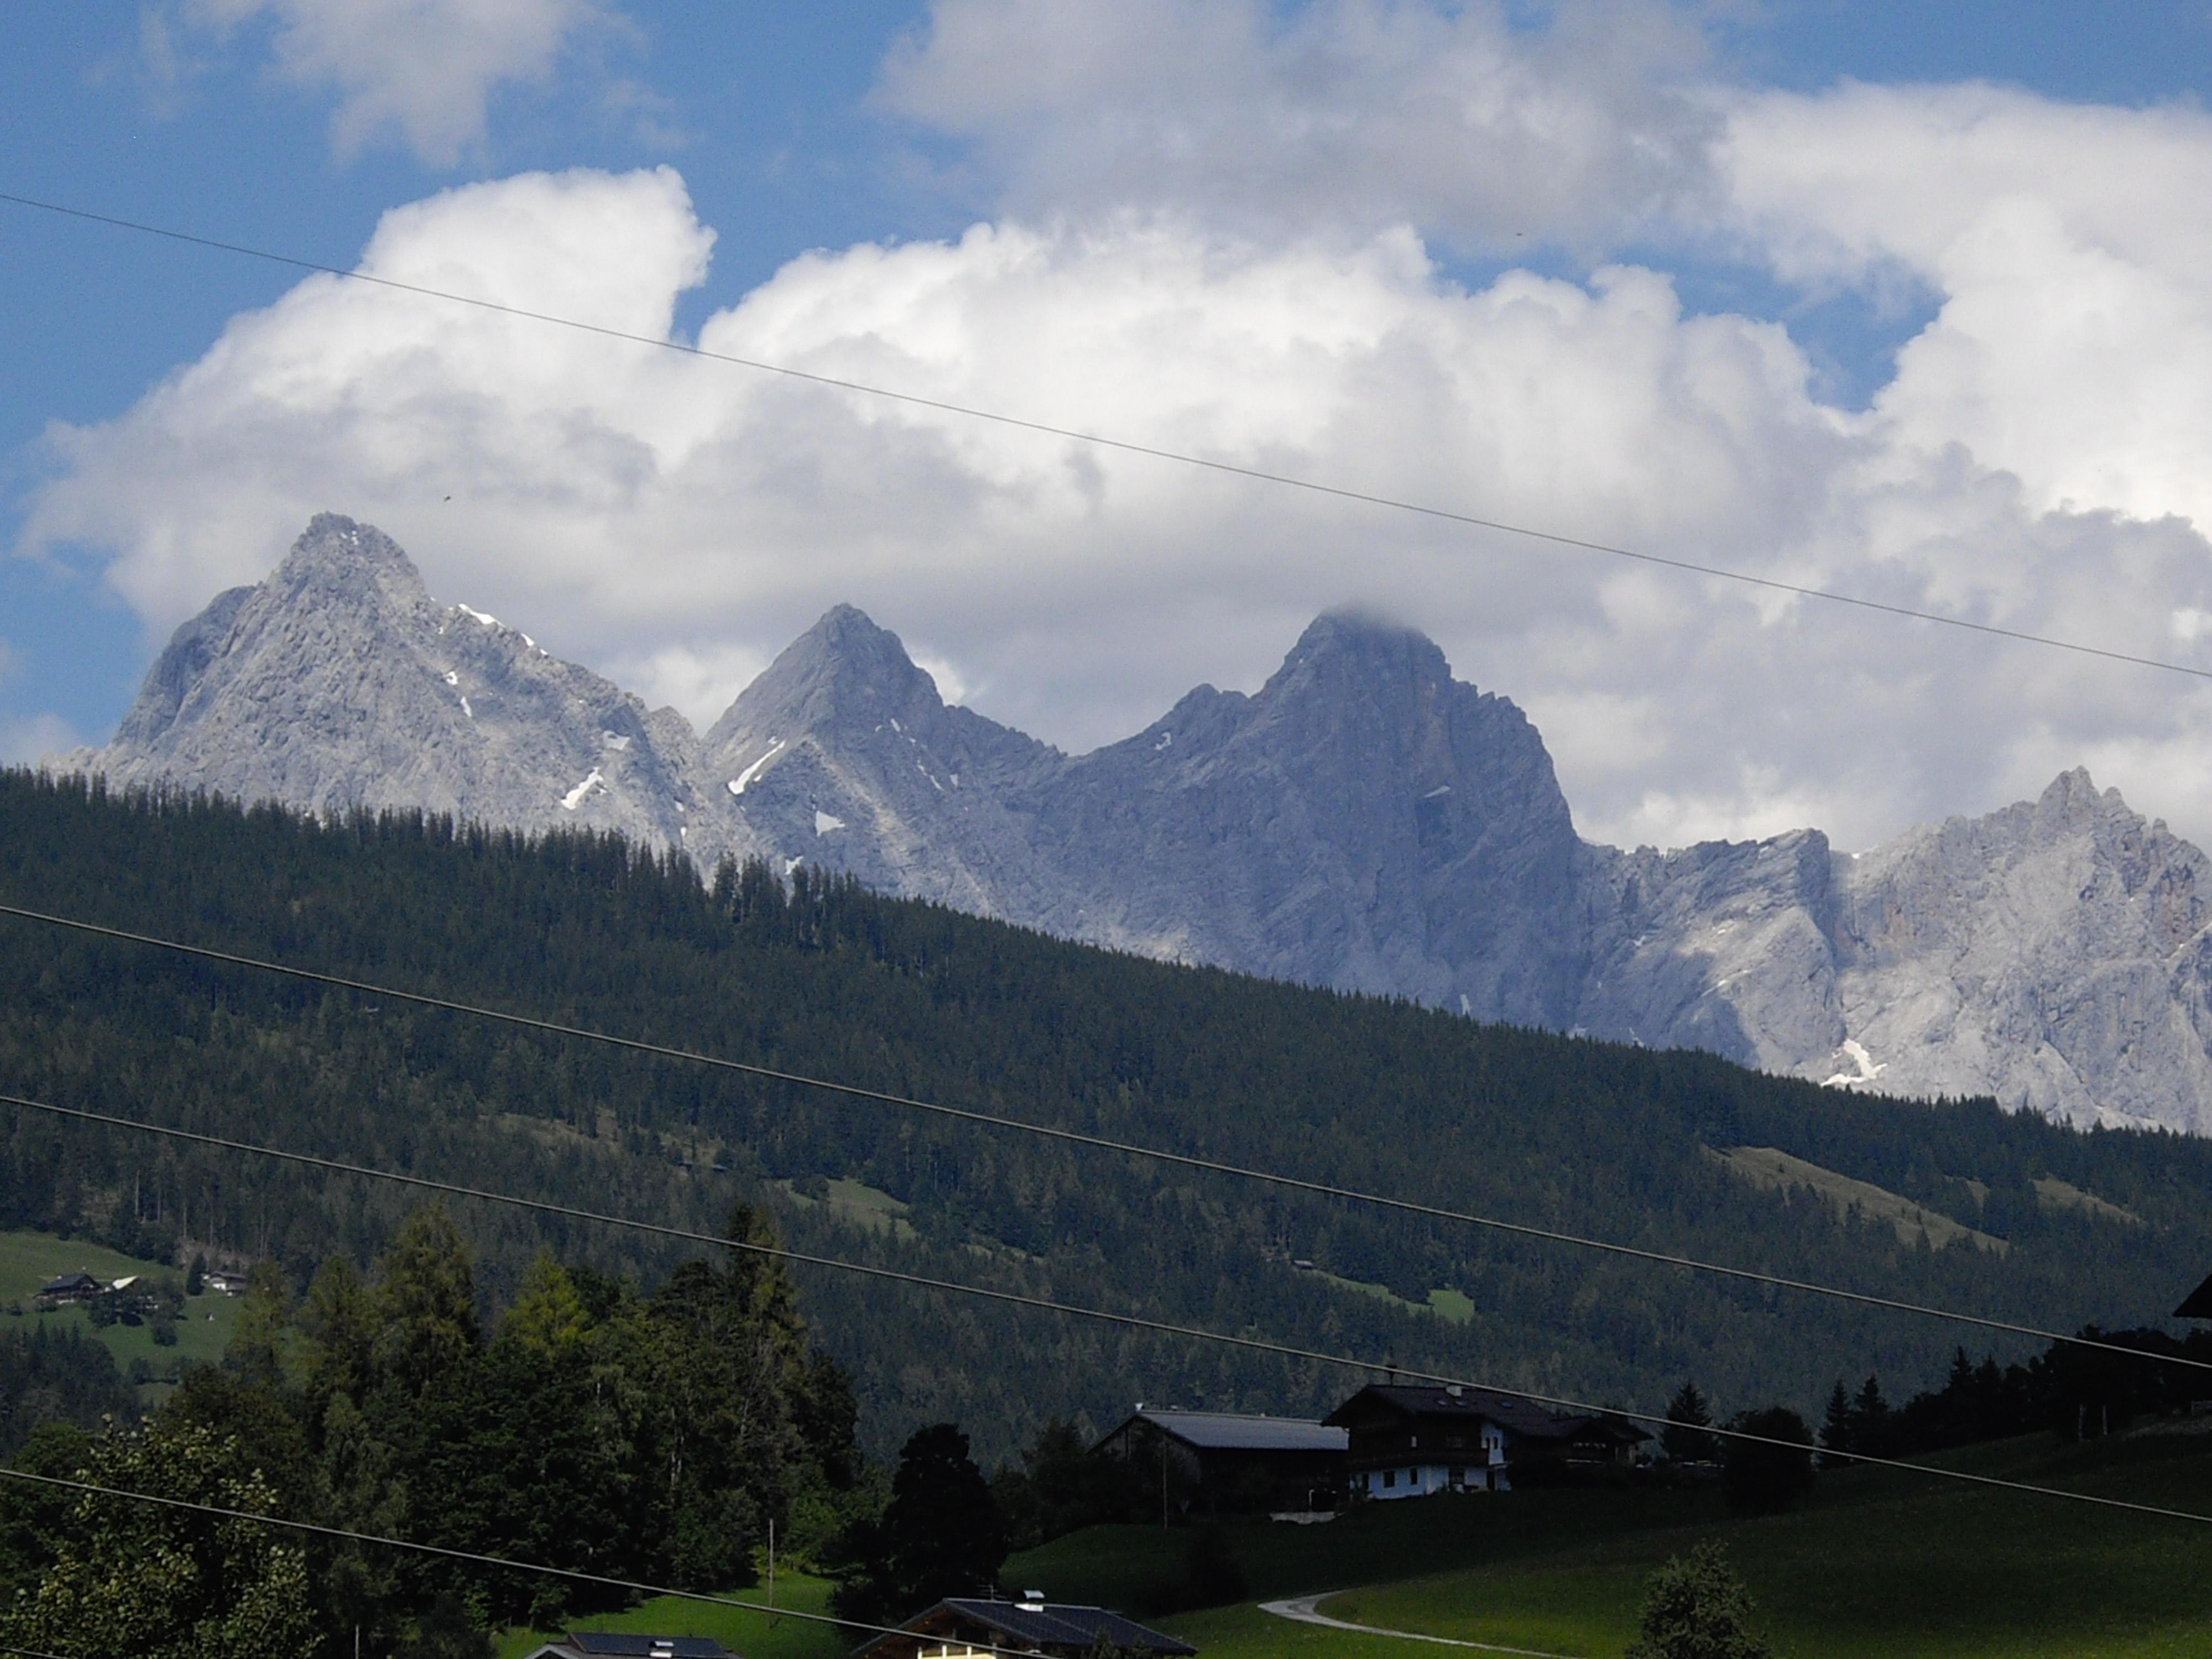 Bild zeigt das Dachsteinmassiv von der UNterkunft aus gesehen